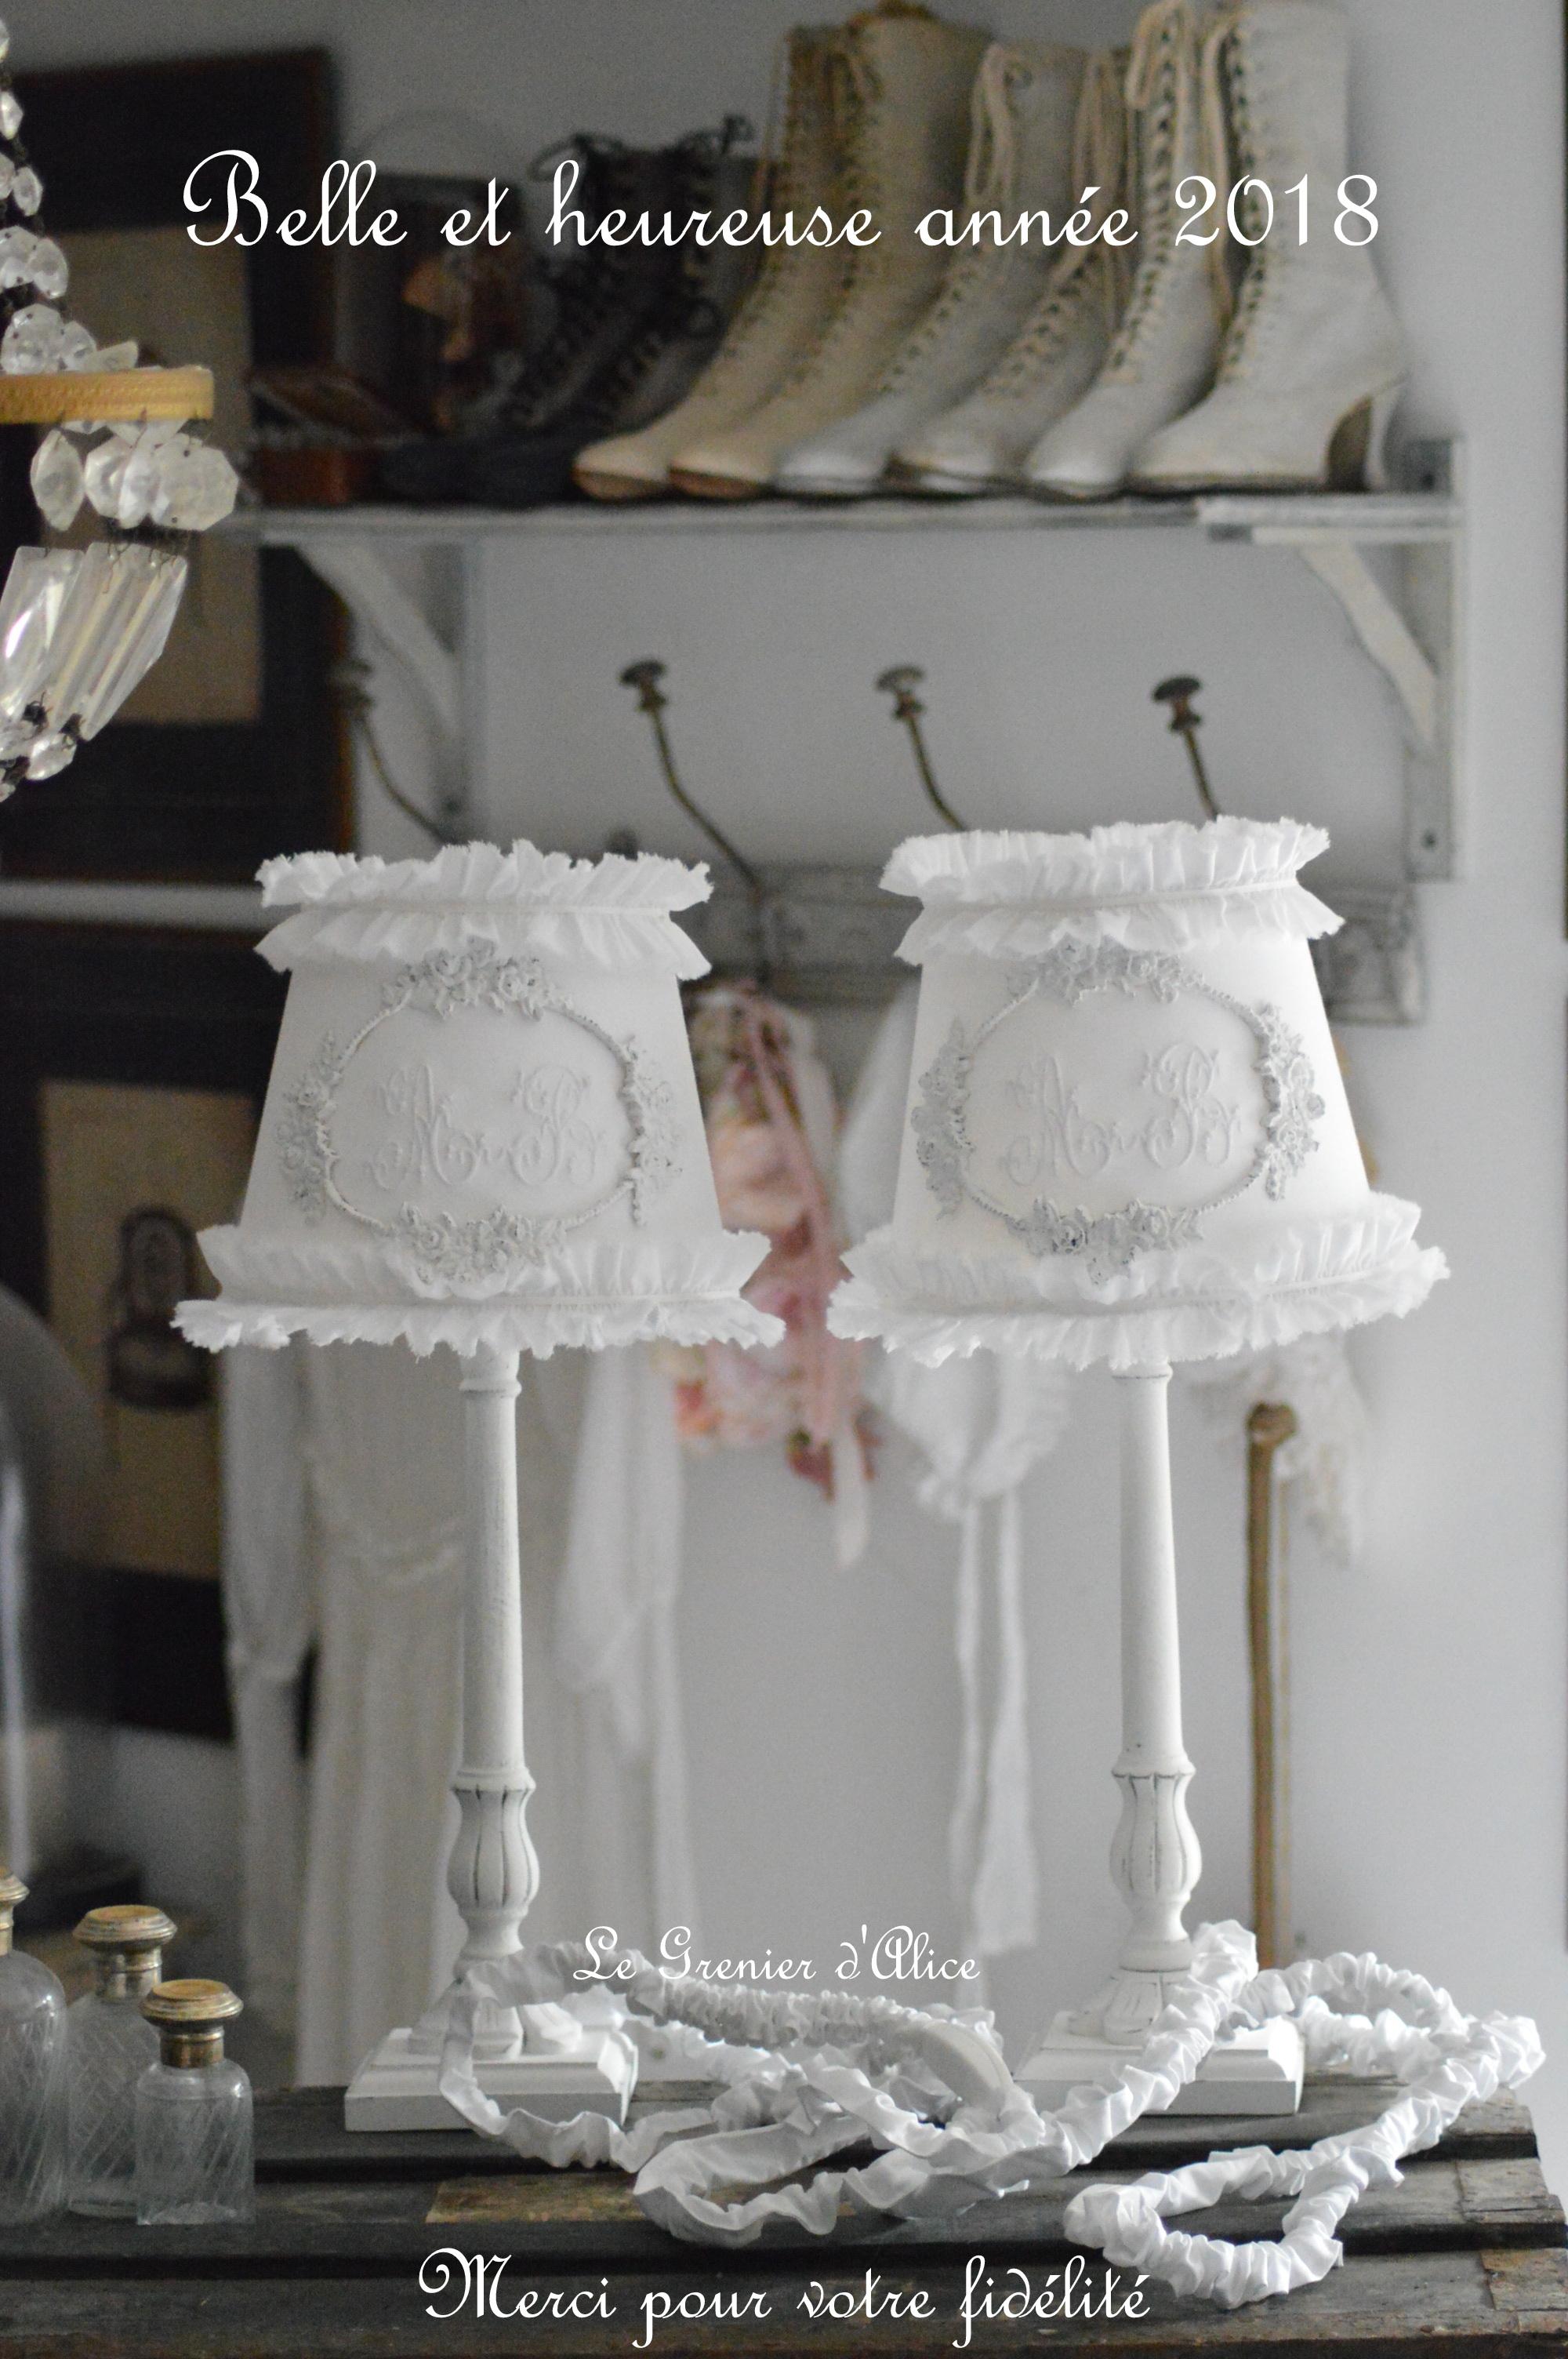 Abat jour shabby chic romantique blanc volant monogramme ornement patiné pied de lampe bois création originale le grenier dalice